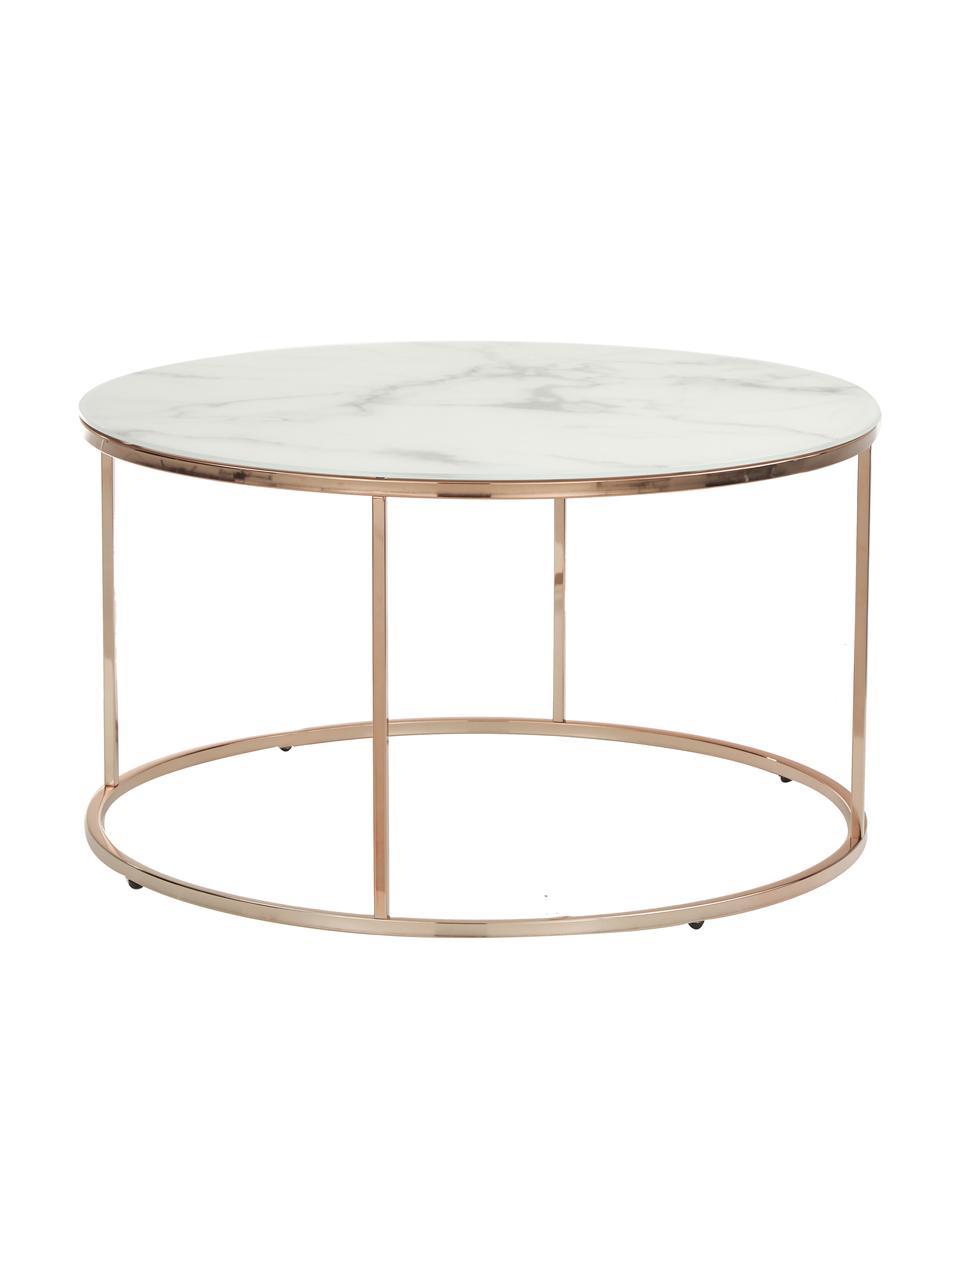 Stolik kawowy ze szklanym blatem Antigua, Blat: szkło, matowy nadruk, Stelaż: stal, mosiądzowany, Białoszary marmurowy, różowe złoto, Ø 80 x W 45 cm